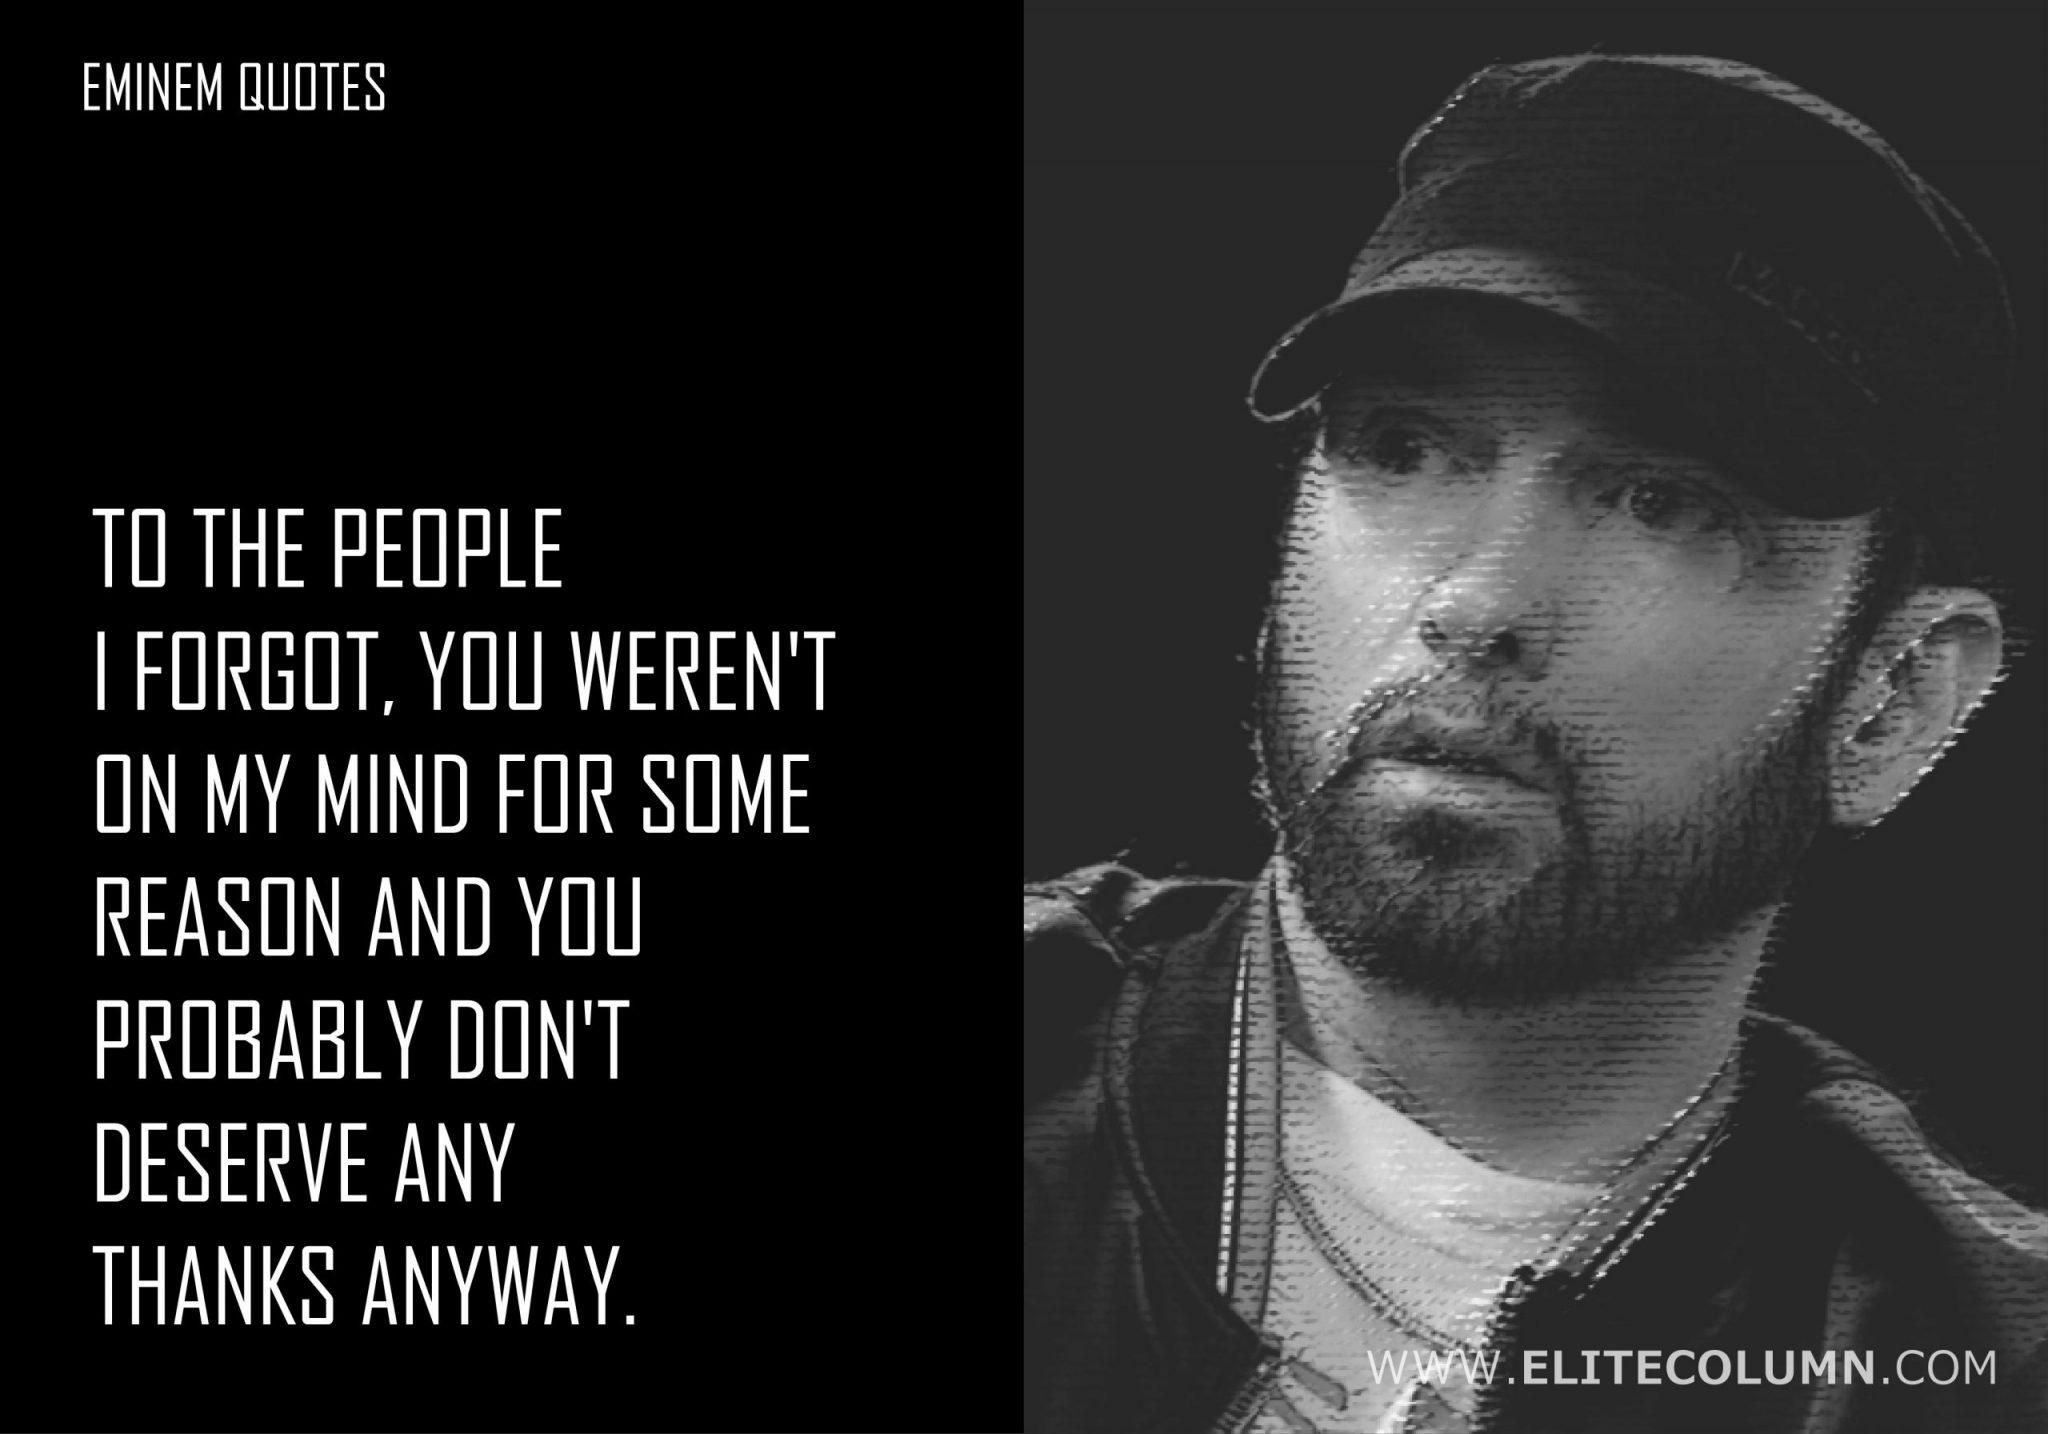 Eminem Quotes (6)